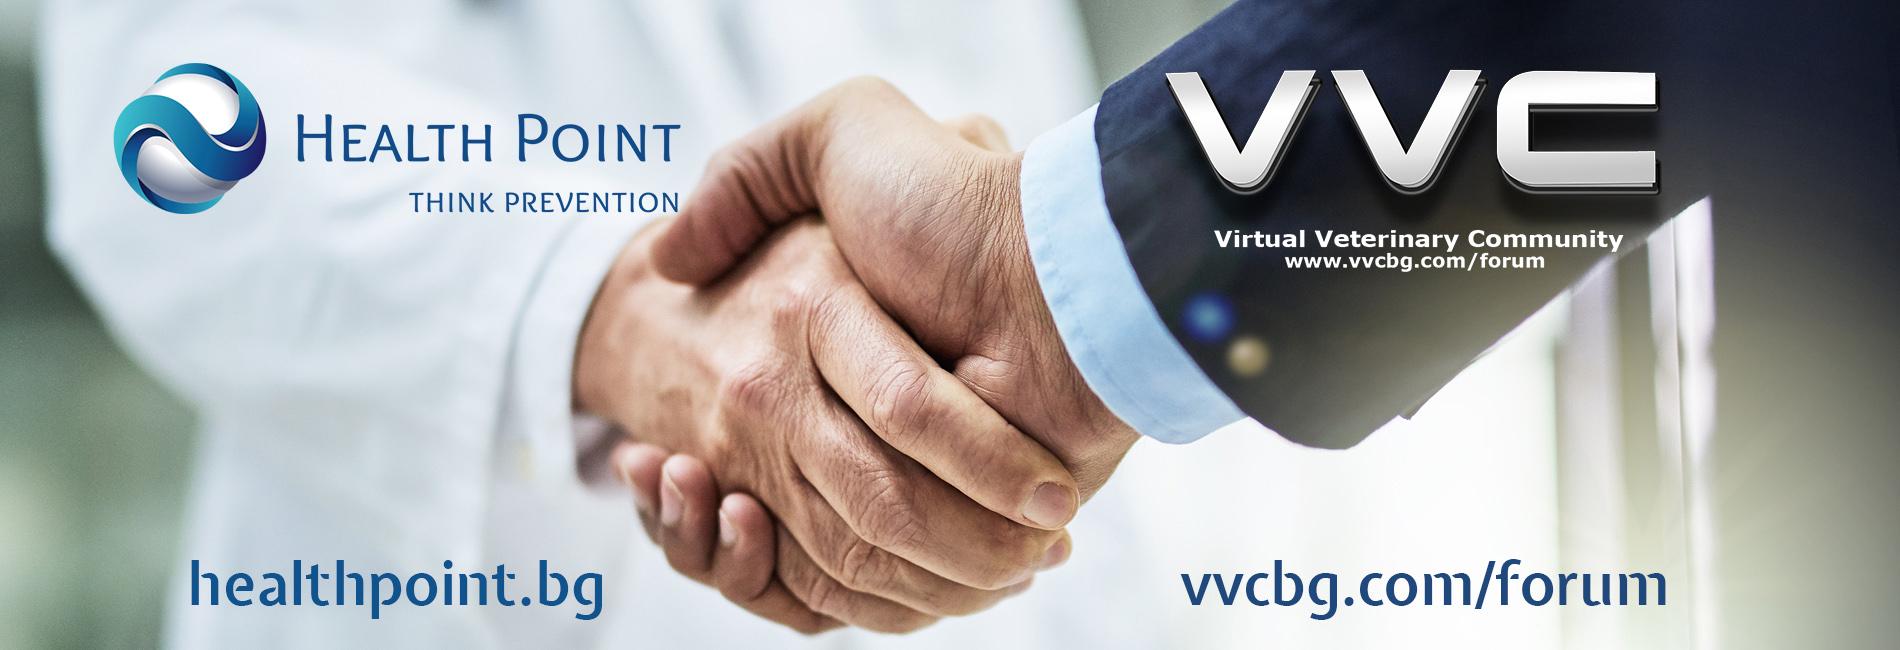 Хелт Пойнт | #ThinkPrevention  и  Virtual Veterinary Community (VVC) стартират партньорство в областта на превенцията и контрола на инфекциите във Ветеринарната медицина